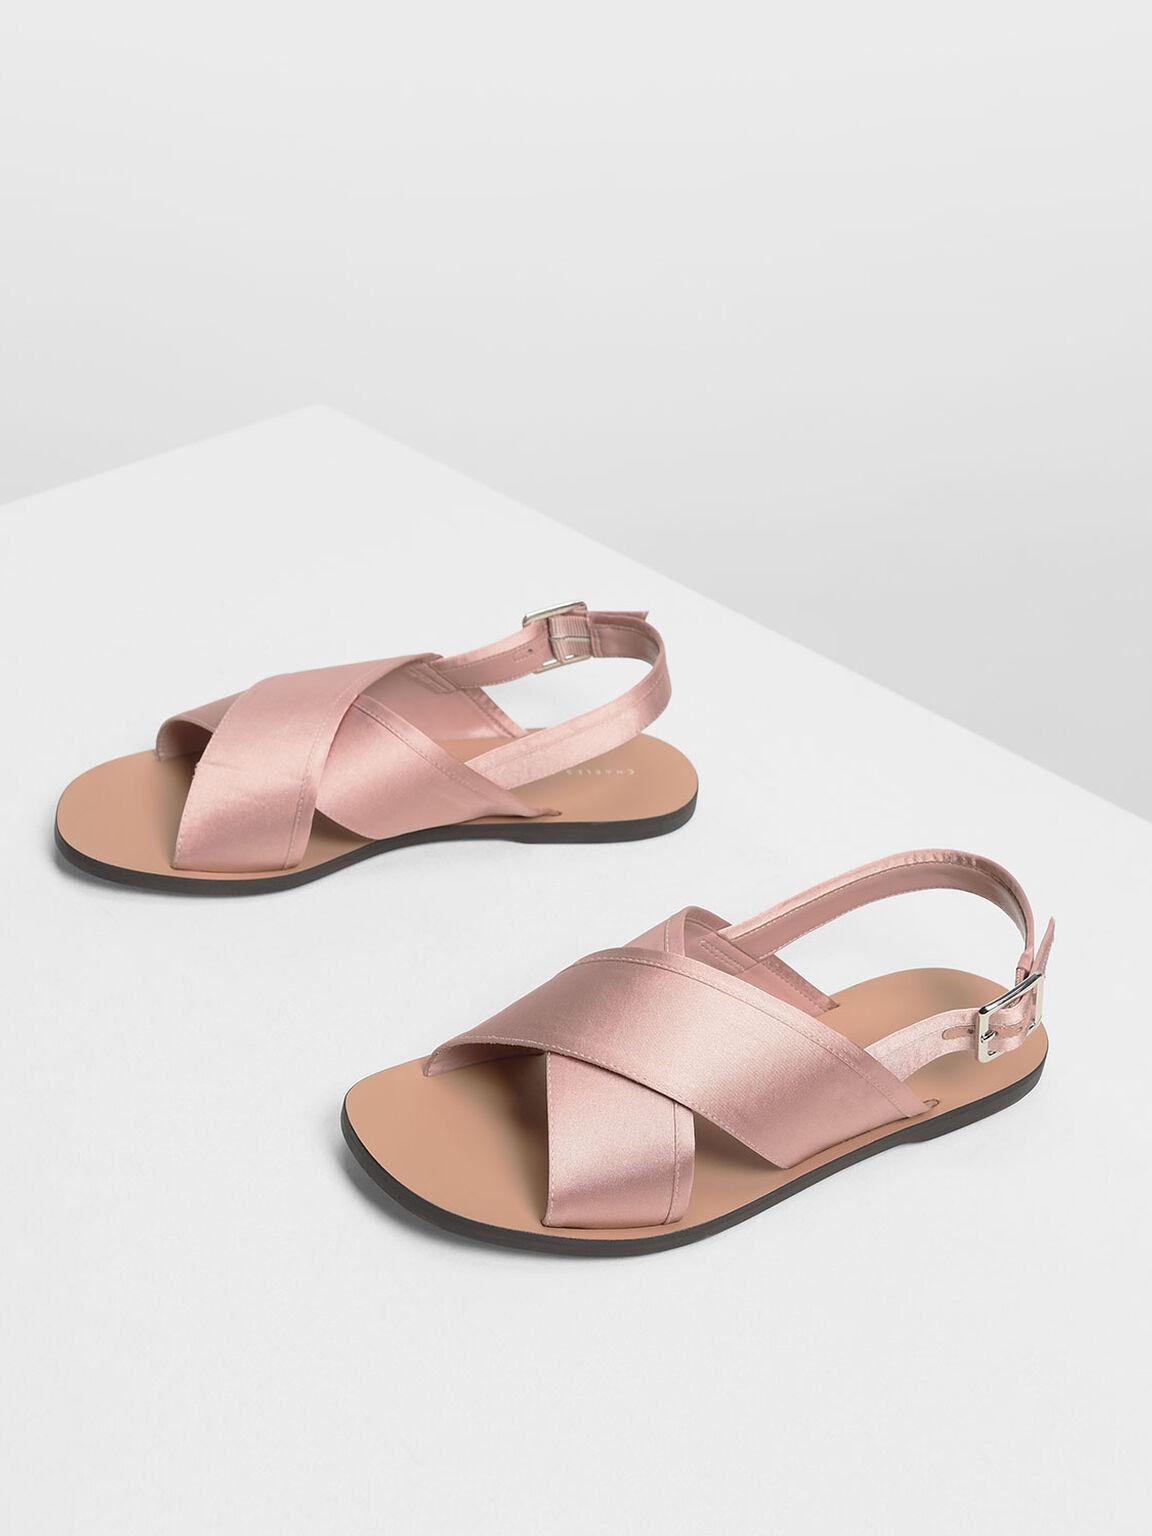 Satin Criss Cross Sandals, Nude, hi-res